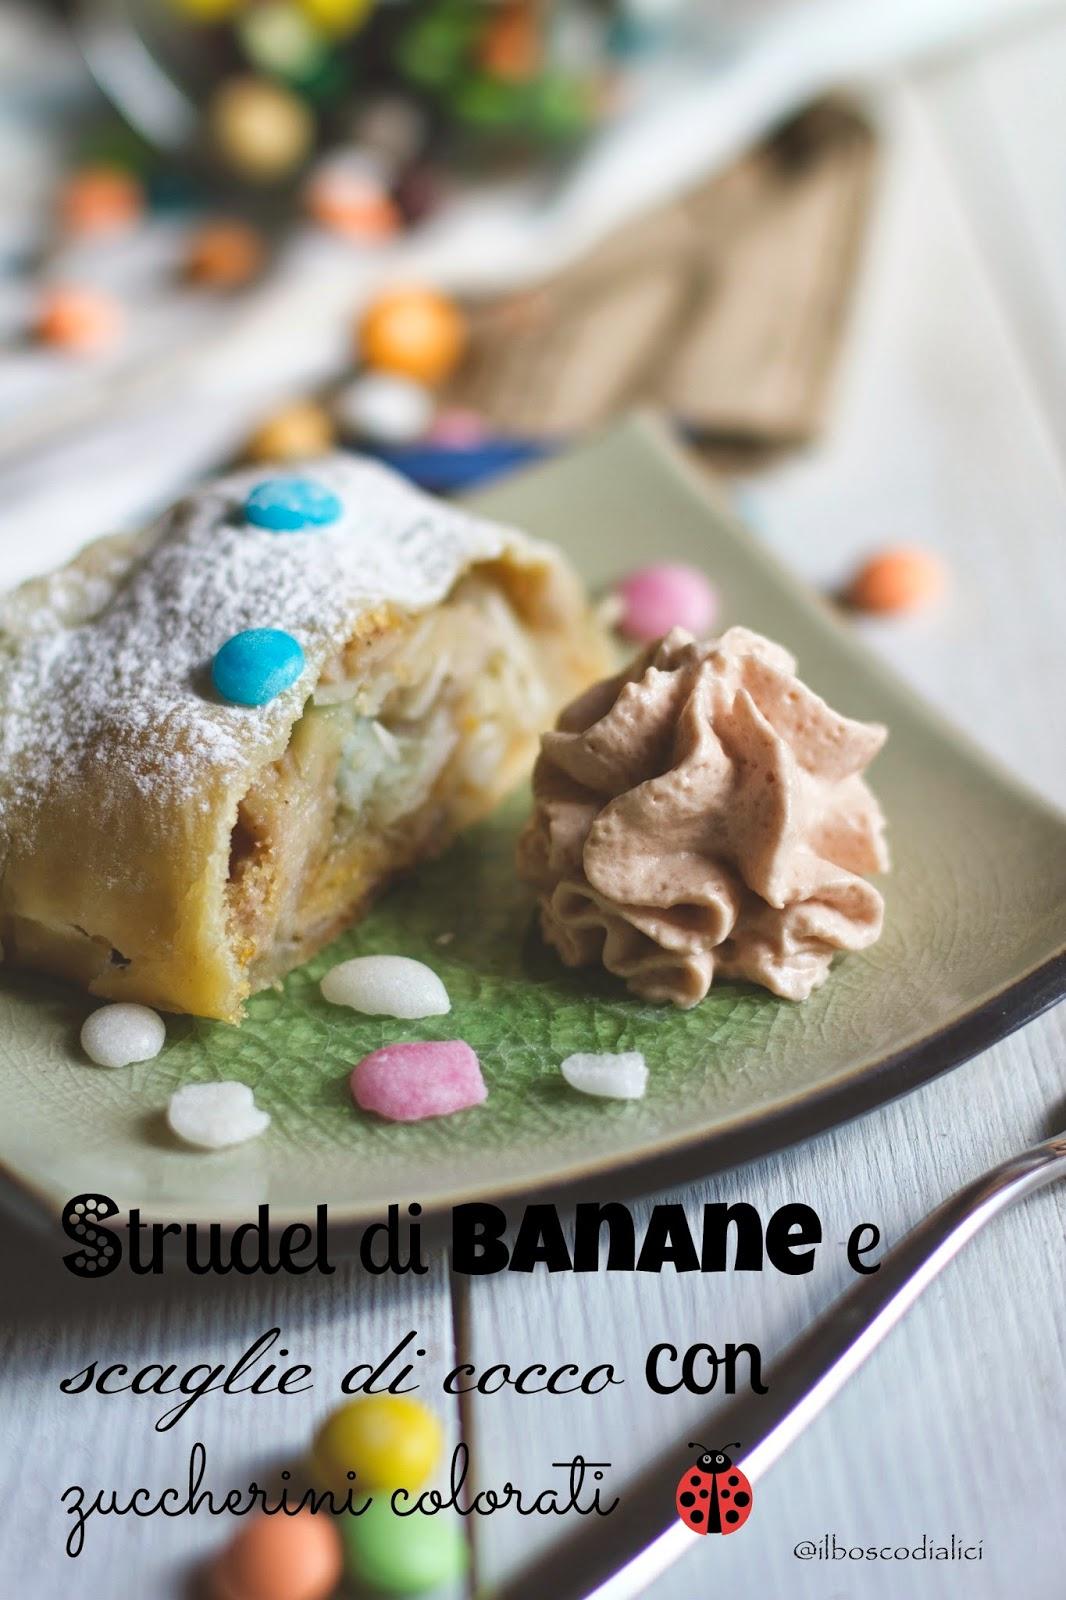 a carnevale ogni strudel vale: strudel di banane e cocco con zuccherini colorati e lenti di cioccolato